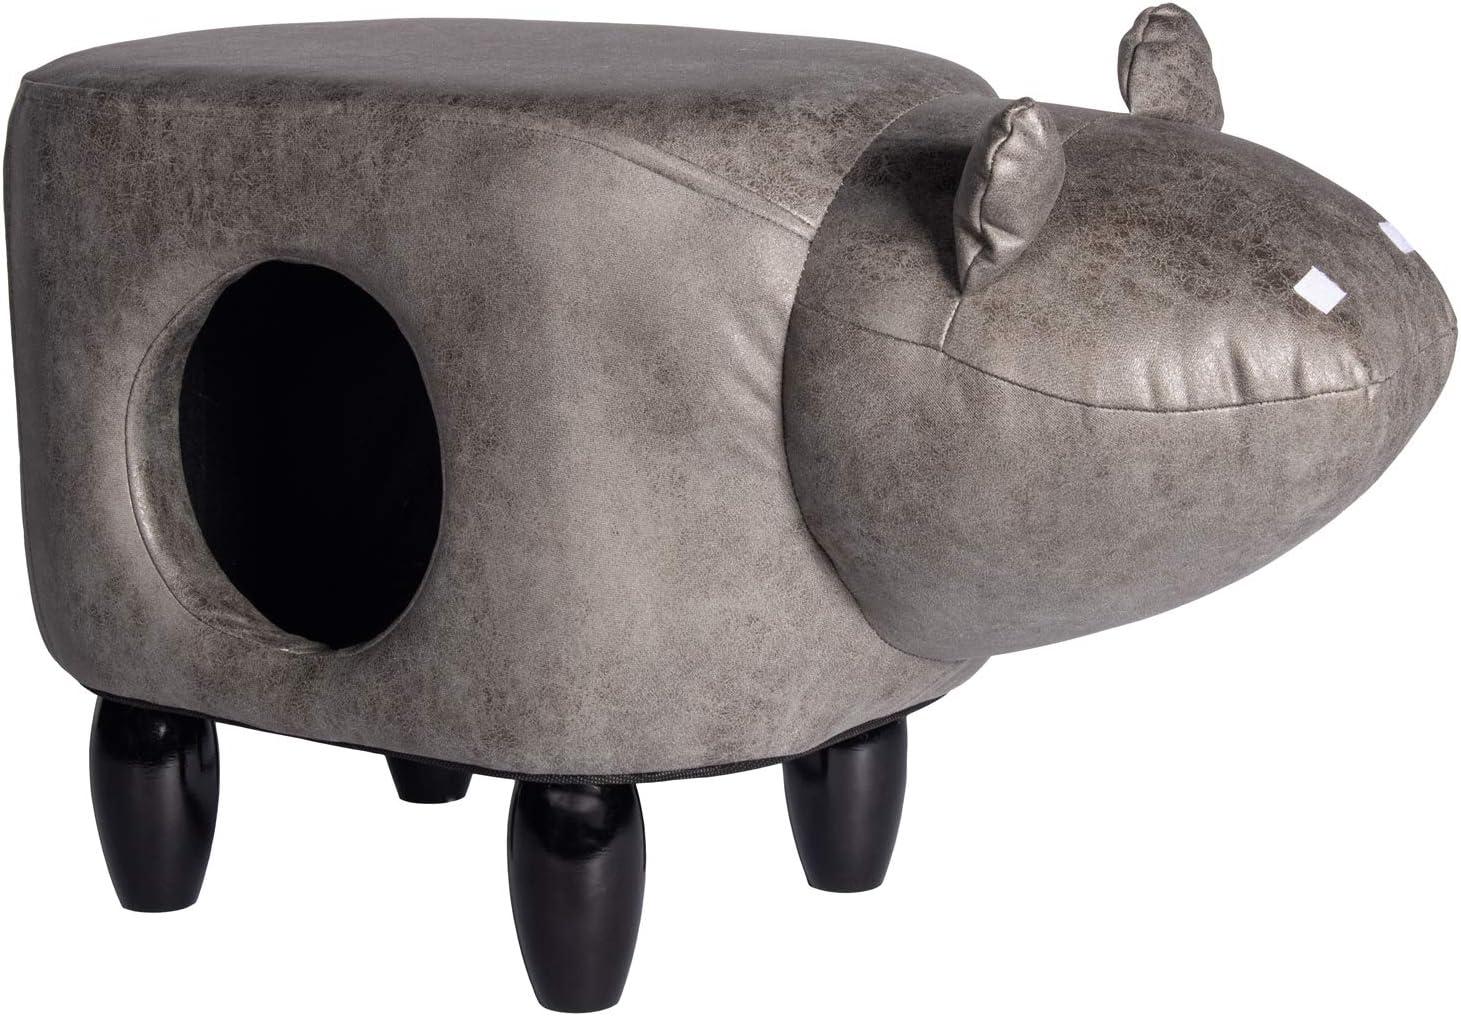 Funhobby Italia Srl Tiragraffi Pouf Struttura in Legno Imbottito poggiapiedi con cuccetta per Gatto Gatti Fantasia Animali Elephant